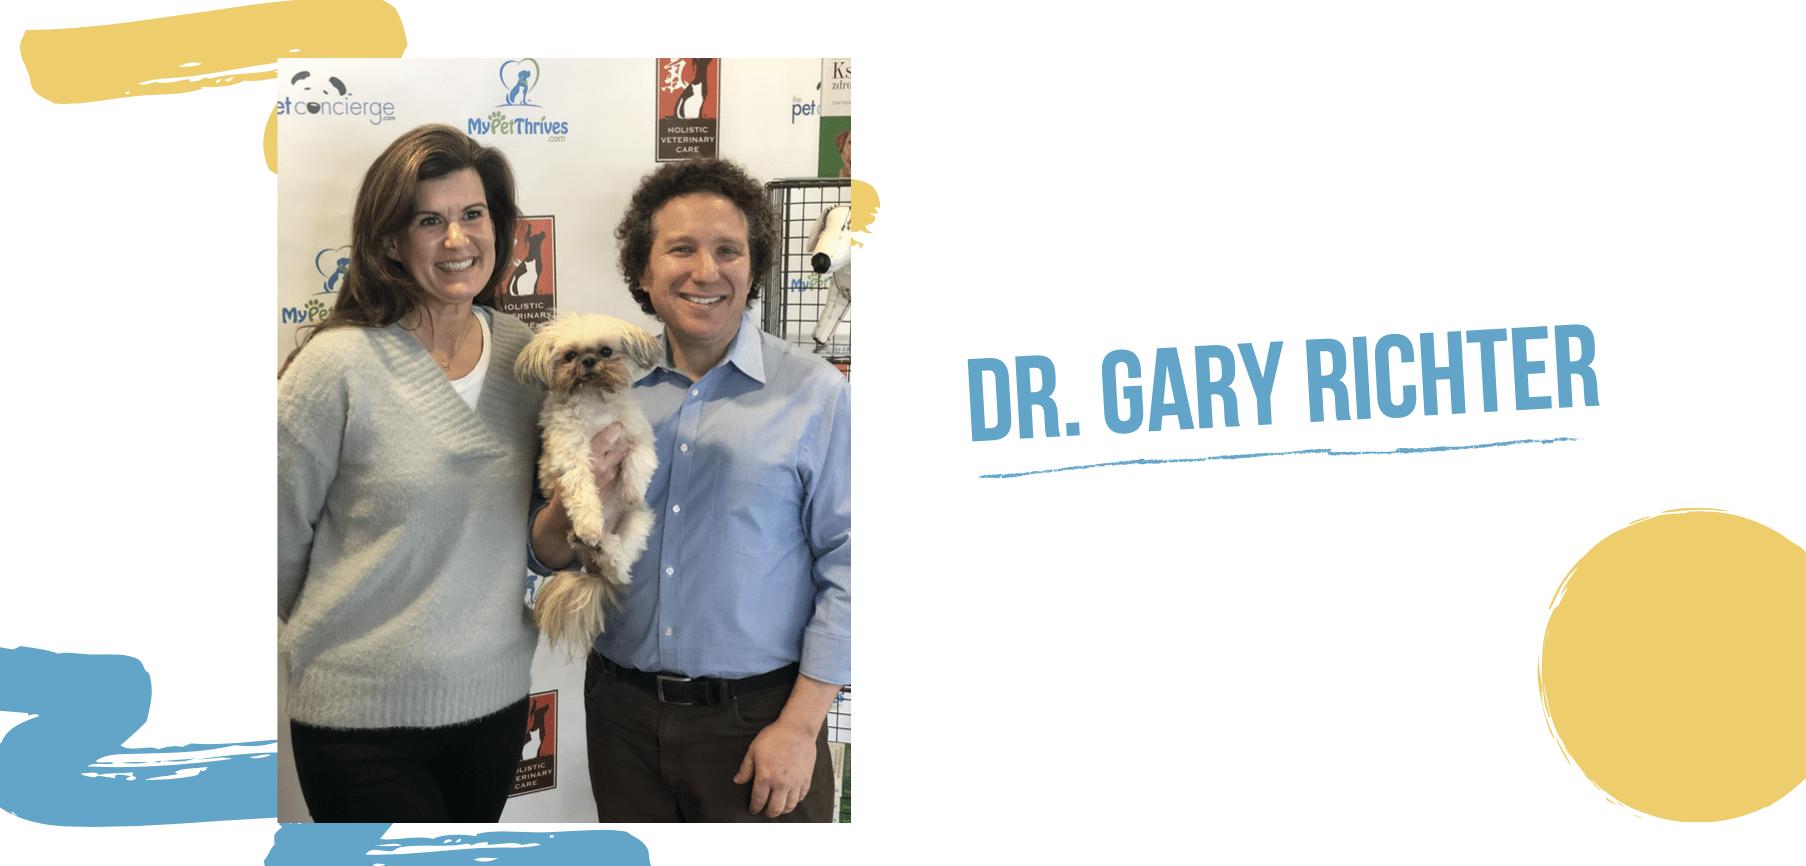 Dr. Gary Ritcher